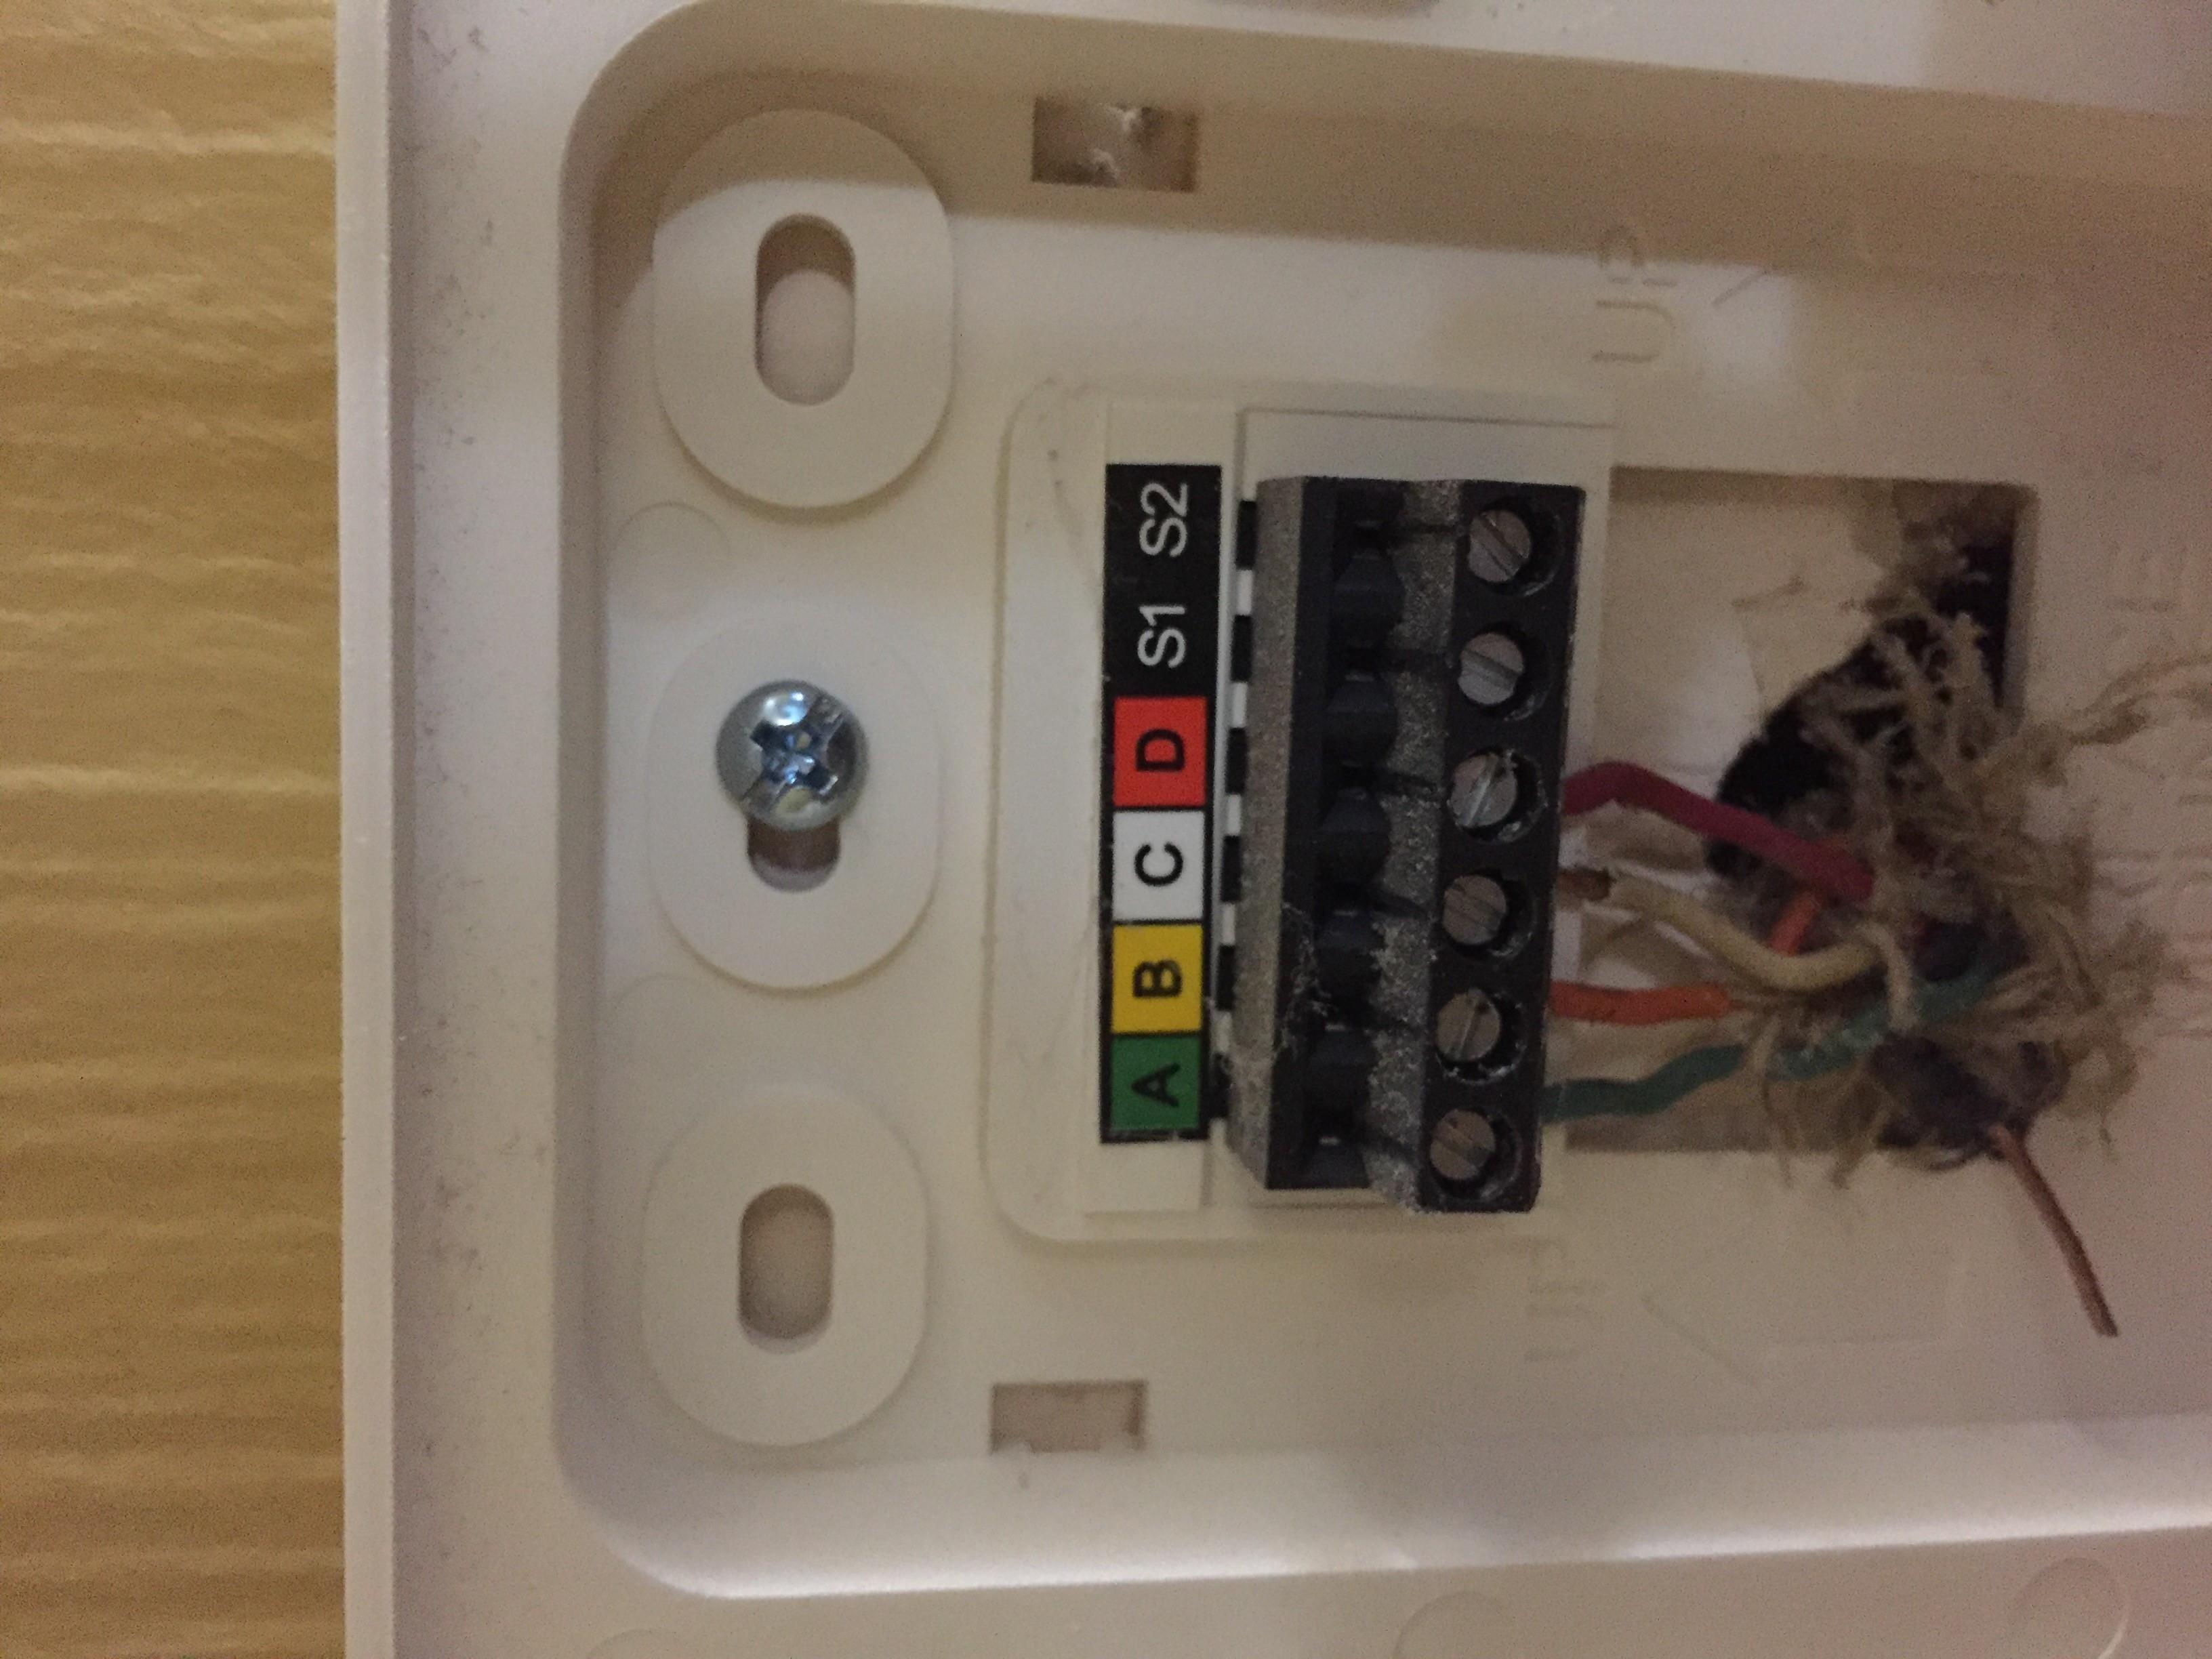 Sensi Thermostat Wiring Diagram | Wiring Diagram - Honeywell Wifi Thermostat Wiring Diagram